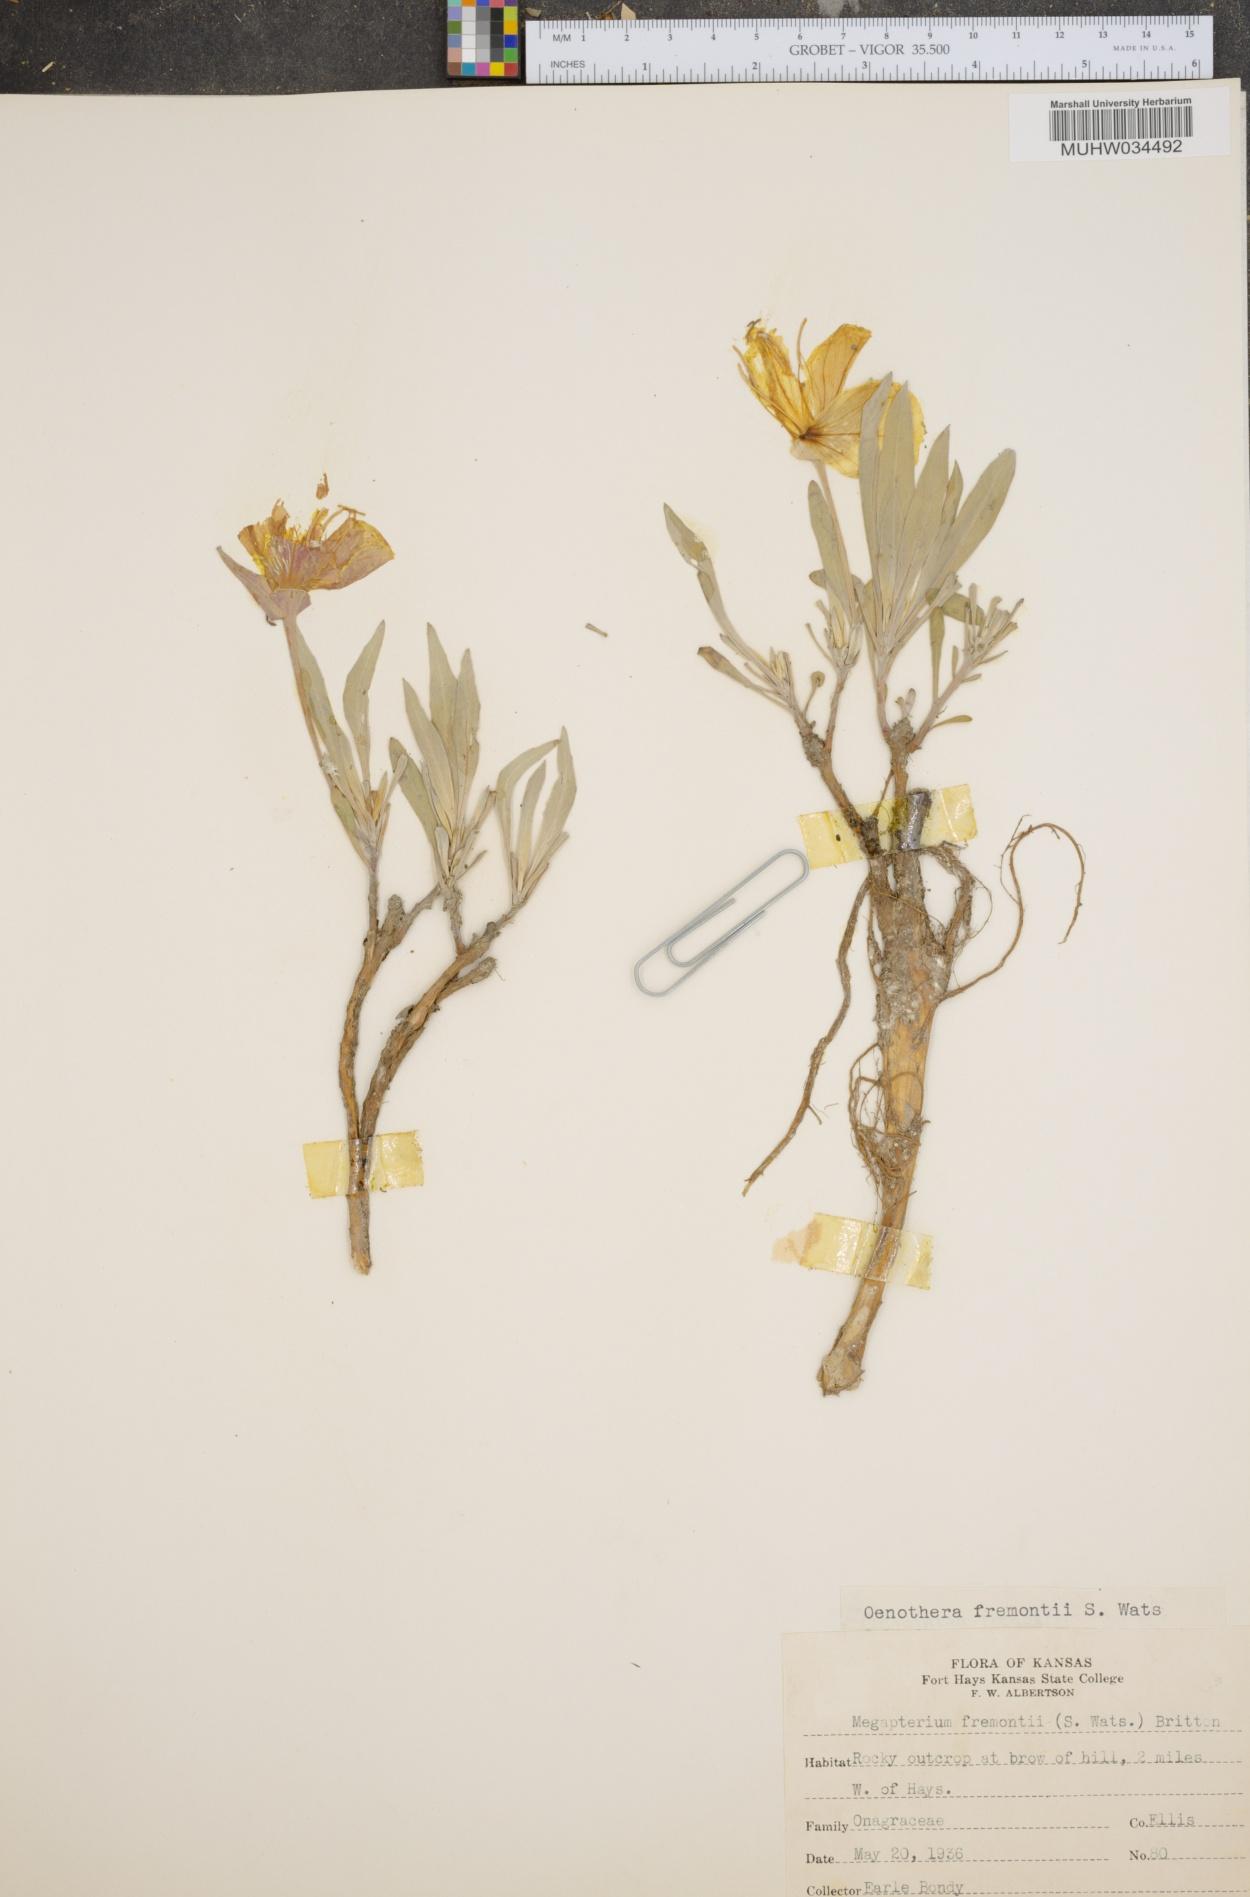 Oenothera fremontii image